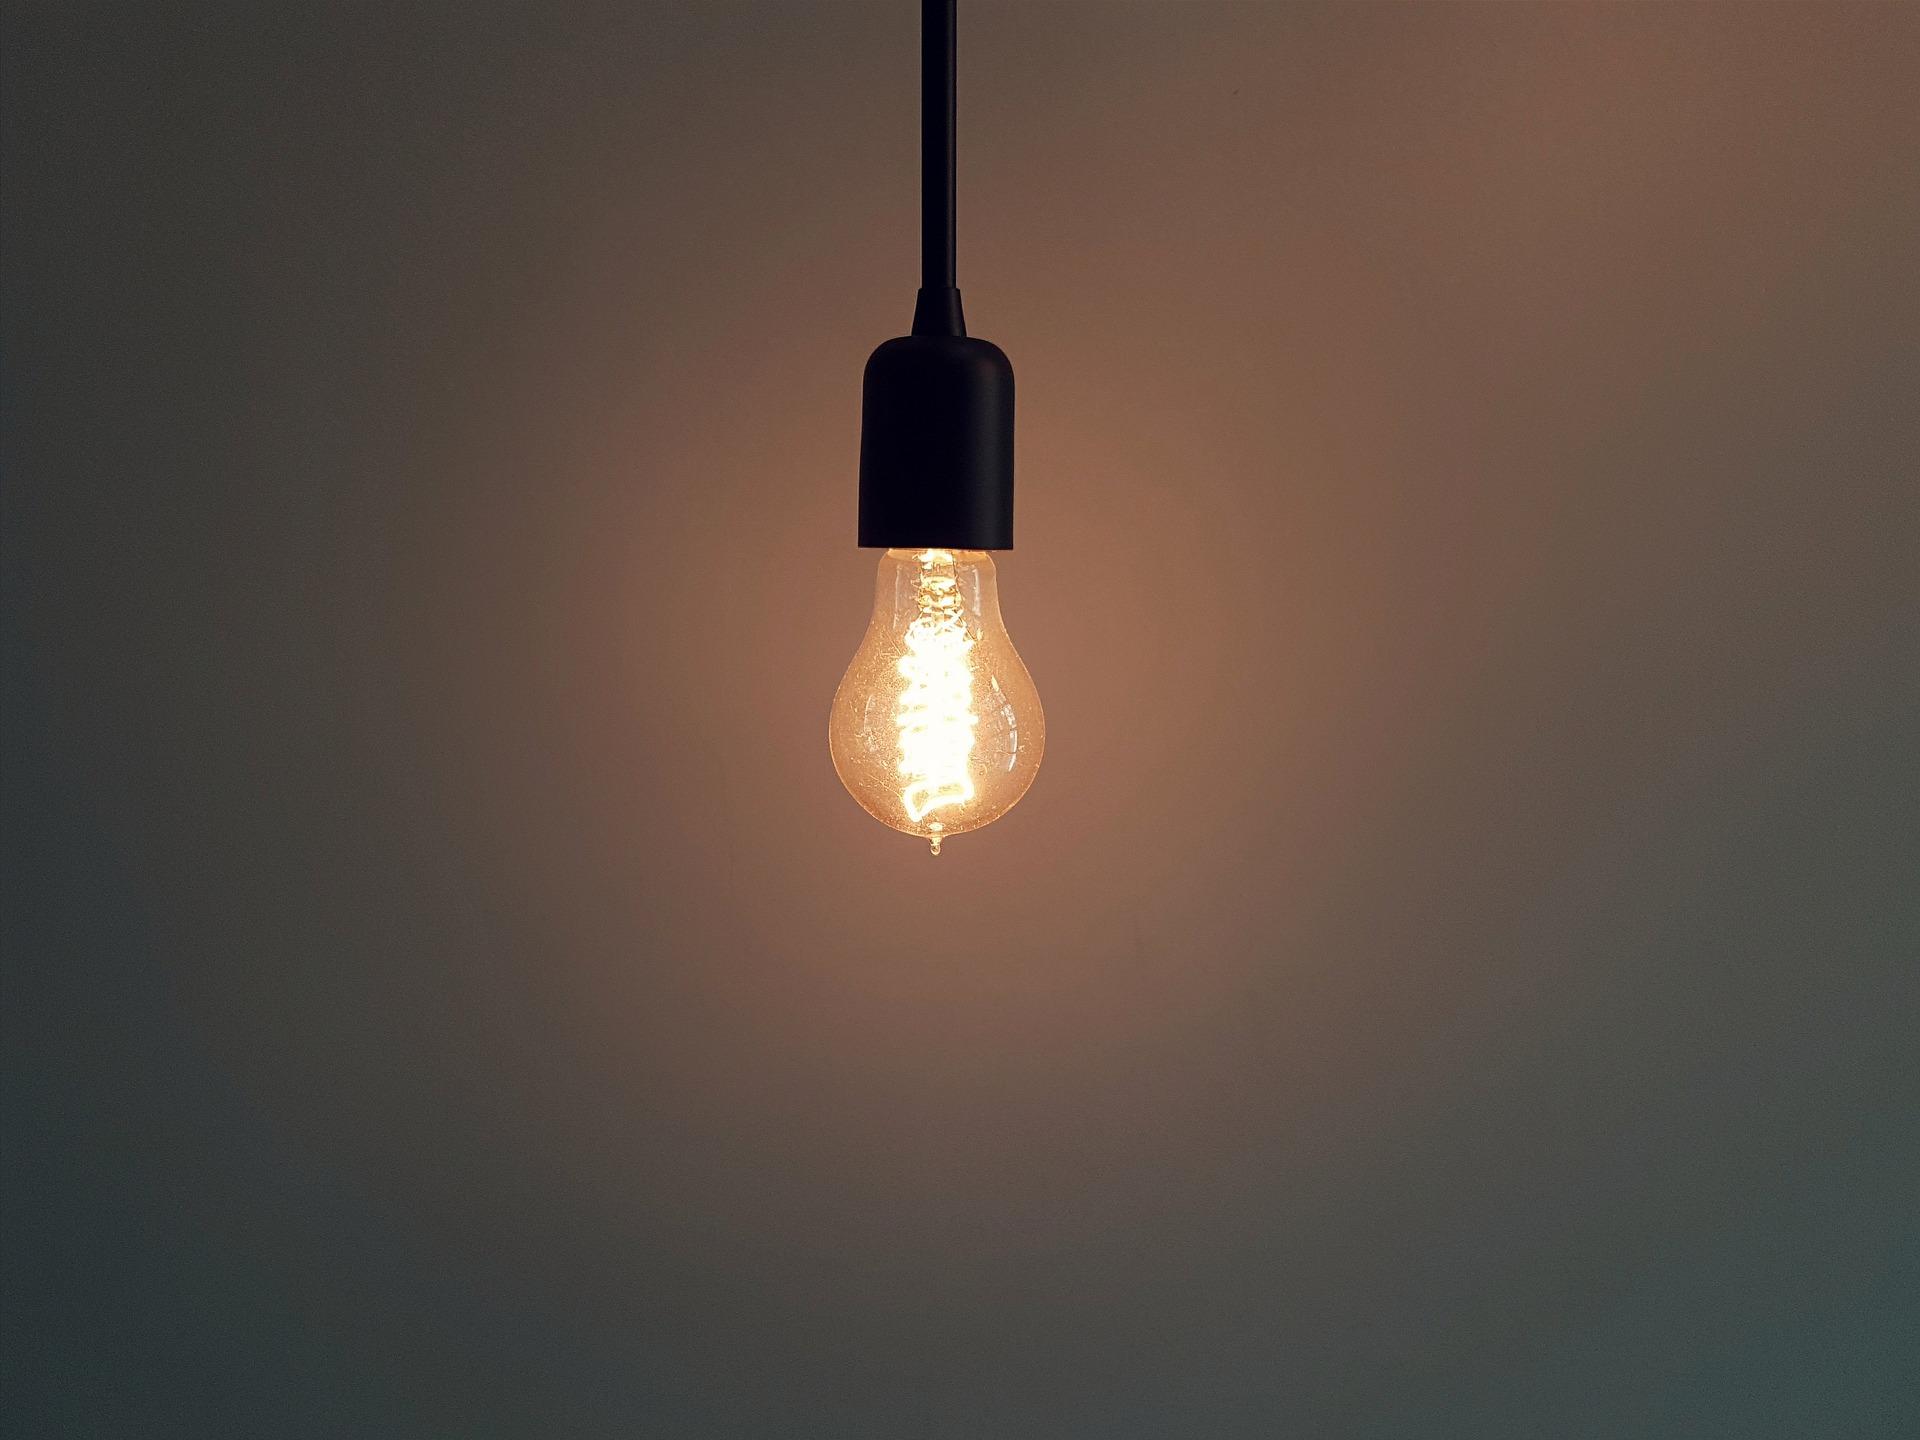 Como diminuir sua conta escolhendo a lâmpada certa? - ENETEC